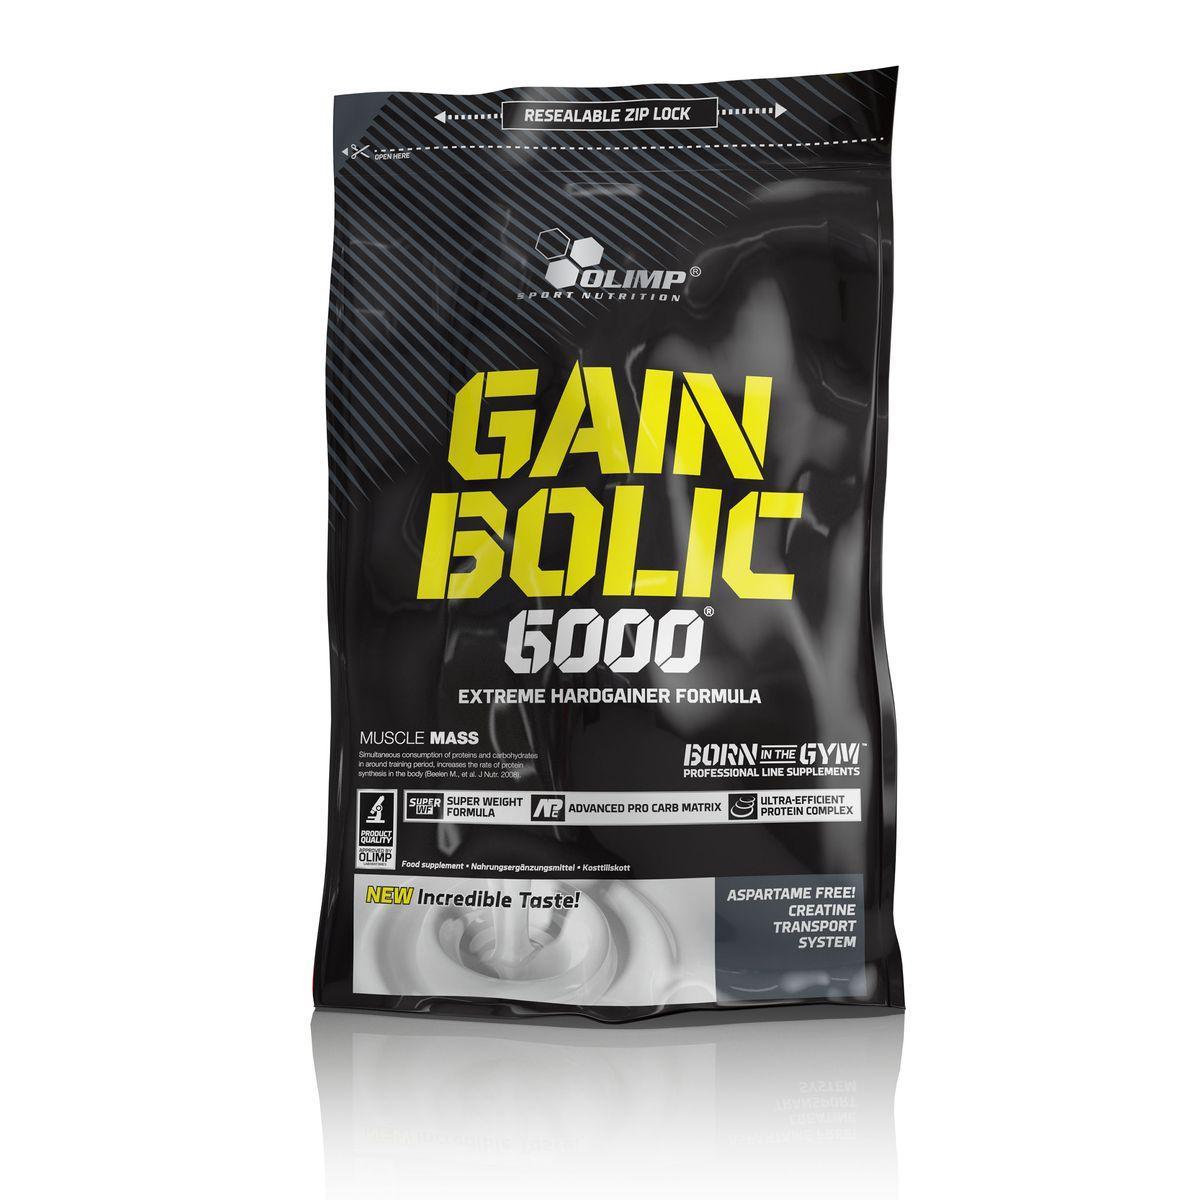 OLIMP Гейнер Gain Bolic 6000 1кг, ванильO27710Olimp Gain Bolic 6000 это очень высококачественный продукт, для быстрого набора мышечной массы, особенно для людей, устойчивых к приобретению новой мышечной массы. Olimp Gain Bolic 6000 обеспечивает всеми питательными веществами, важными для быстрого развития мускульной силы и массы. Комплекс углеводов в Olimp Gain Bolic 6000 надлежащим образом составлен с различными гликимическими индексами, сывороточным белковым концентратом, казеином, яичным белком, обогащенный моногидратом креатина и таурином. Добавление креатина, декстроза и таурина, в определенном порядке и дозировке ускоряет и повышает активность анаболических процессов. Рекомендации по применению: 1-3 порции в день - между приемами пищи. Рекомендации по приготовлению: 100 г порошка растворите в 120 мл питьевой воды. Начинающим рекомендуется смешивать 50 г продукта с тем же количеством воды